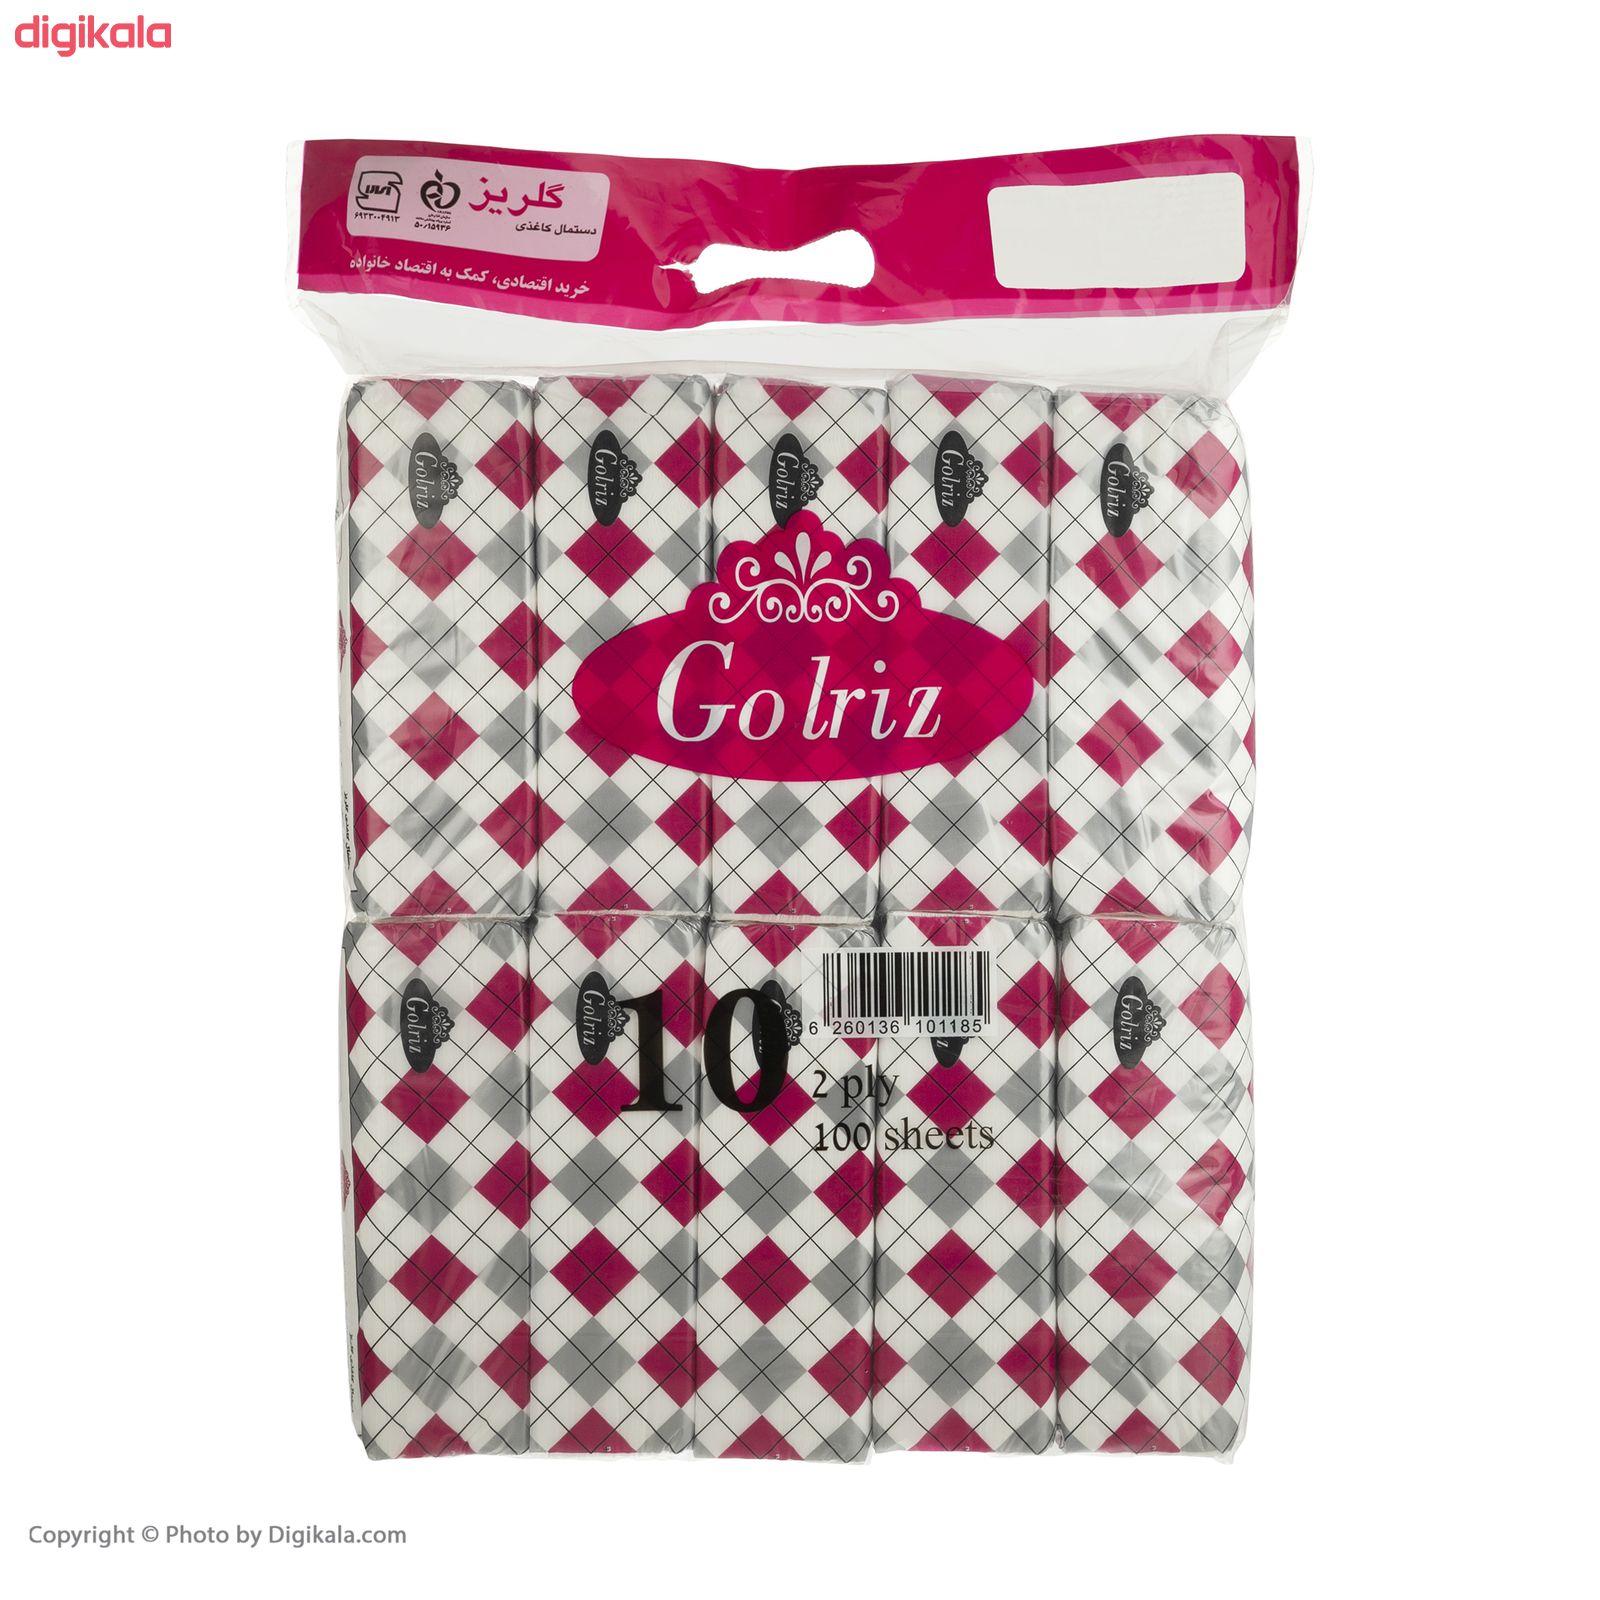 دستمال کاغذی 100 برگ گلریز مدل دياموند بسته 10 عددي  main 1 1